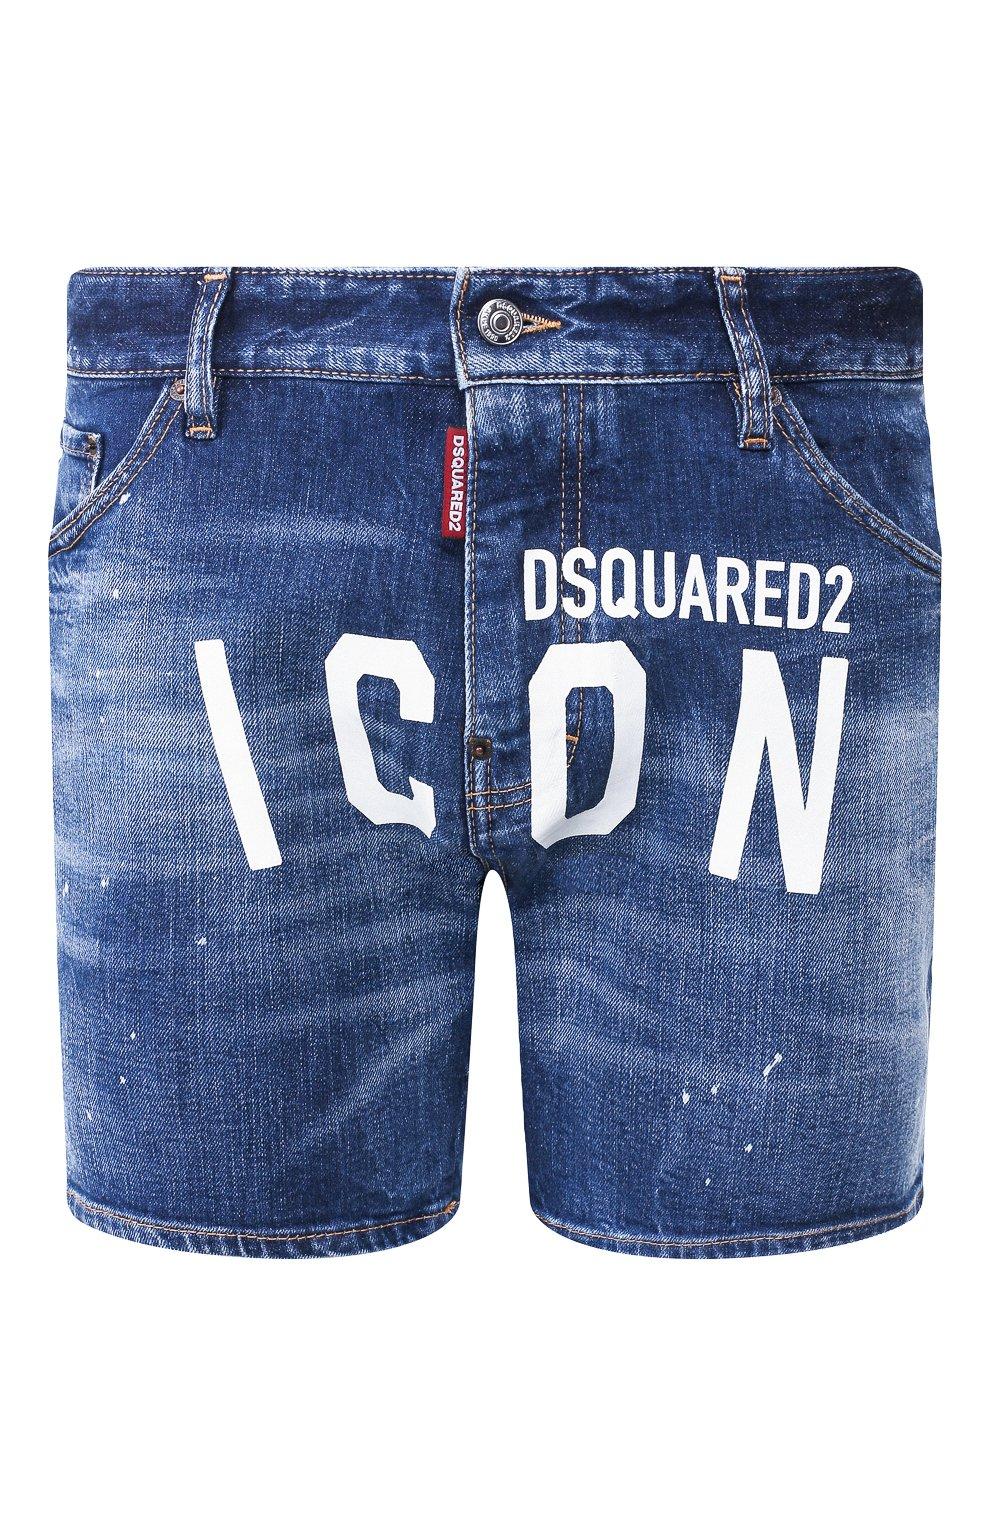 Мужские джинсовые шорты DSQUARED2 синего цвета, арт. S79MU0001/S30663 | Фото 1 (Длина Шорты М: До колена; Материал внешний: Хлопок, Деним)